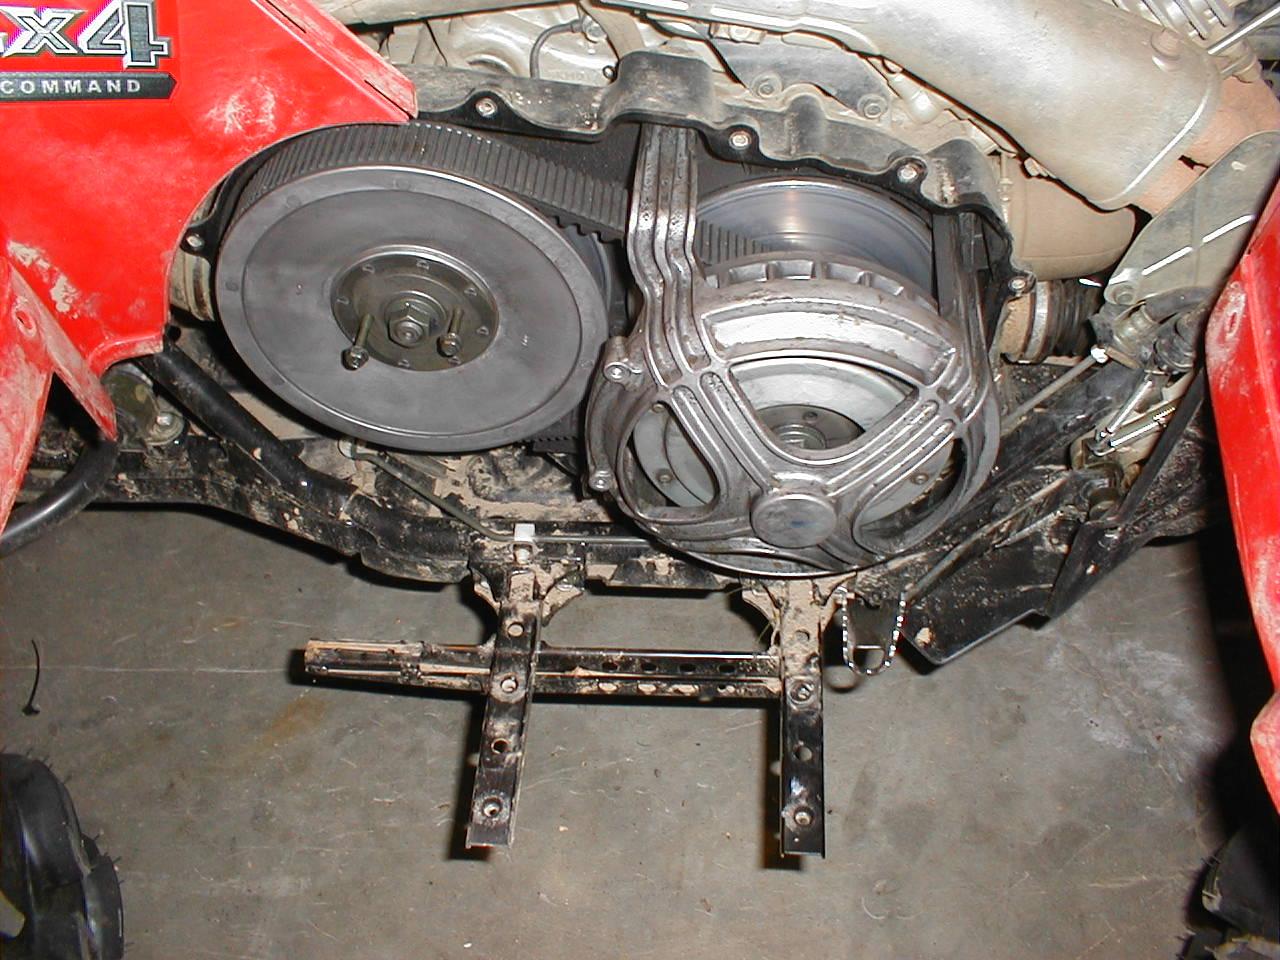 P on Yamaha Grizzly 660 Atv